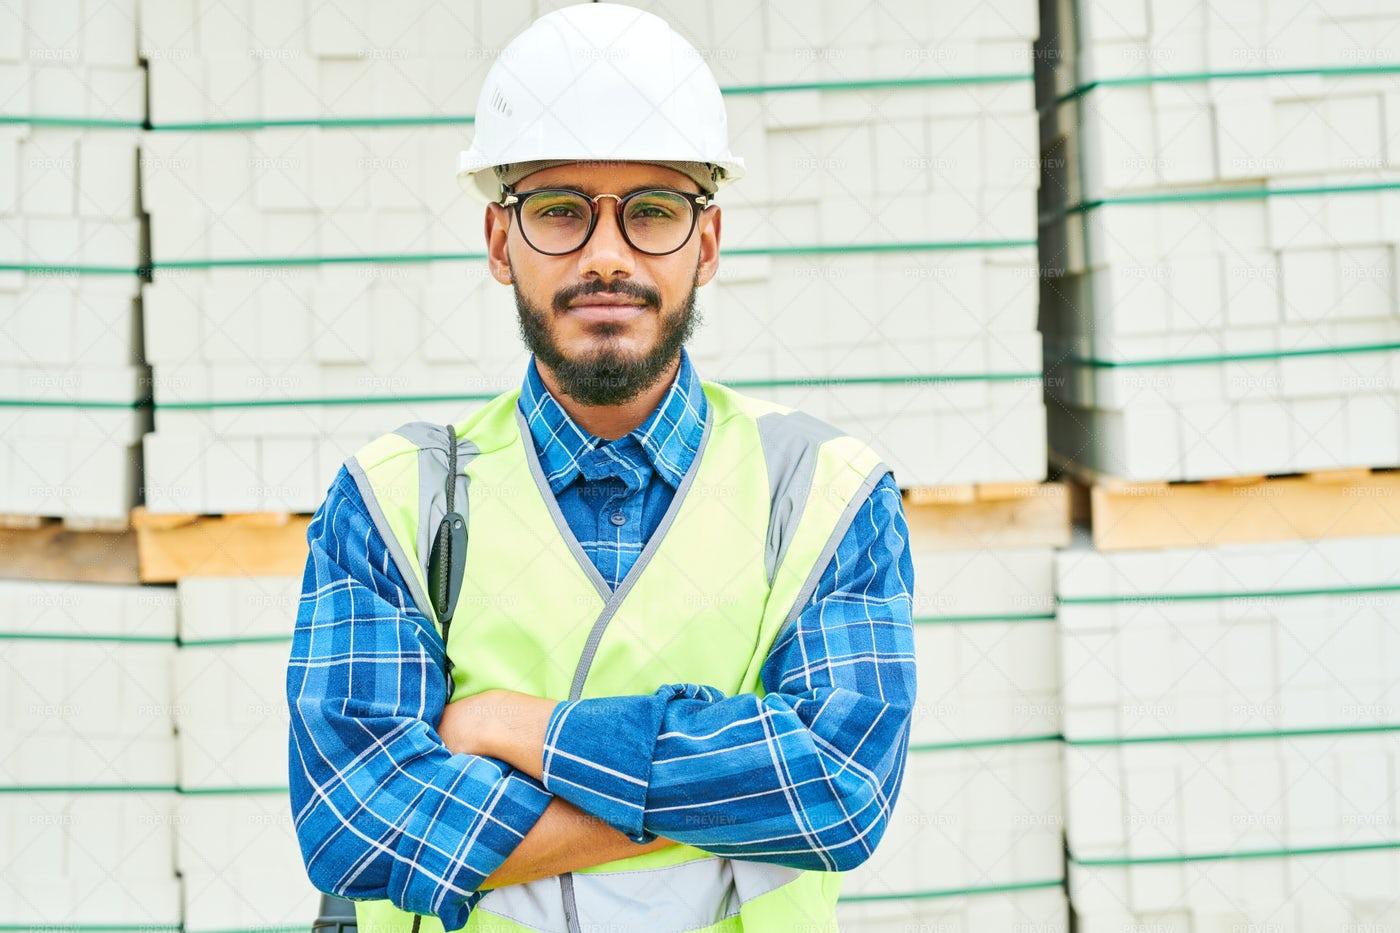 Positive Engineer Near Building...: Stock Photos